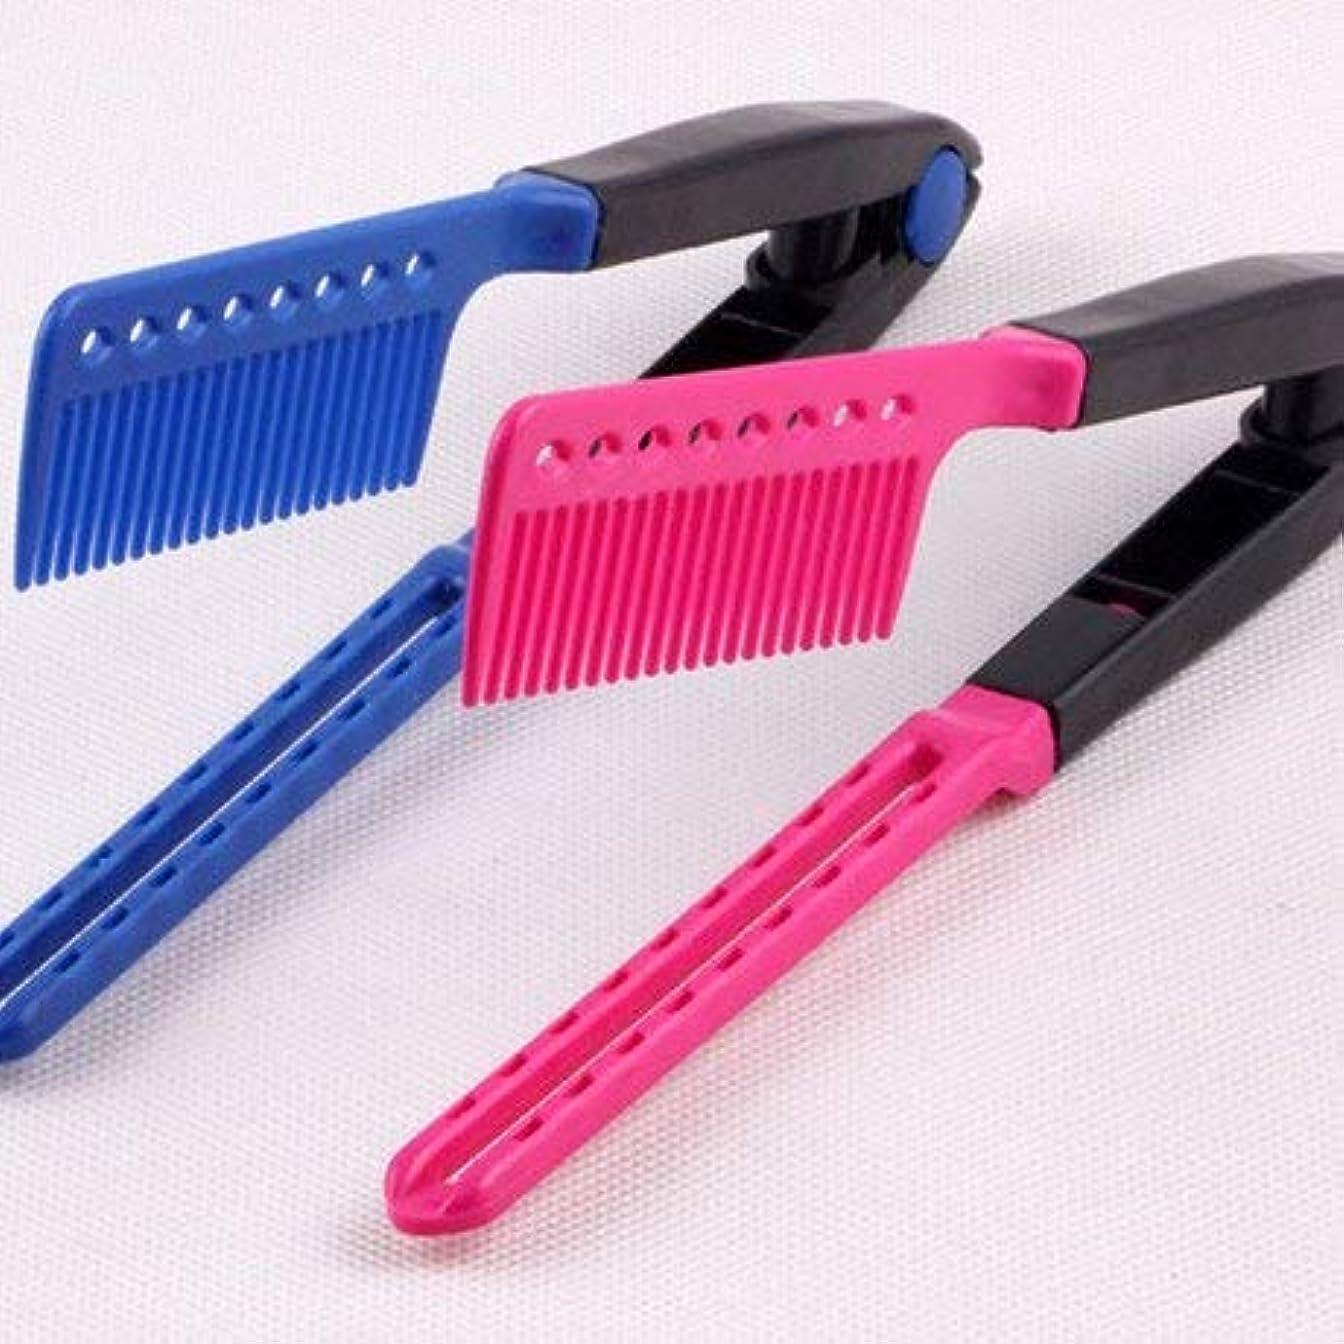 ベルトカーフマークされたHair Straightening Comb, Haircut Anti-static V Shape Comb Clip Clamp Hairdressing Styling Tools(Rose_Red) [並行輸入品]